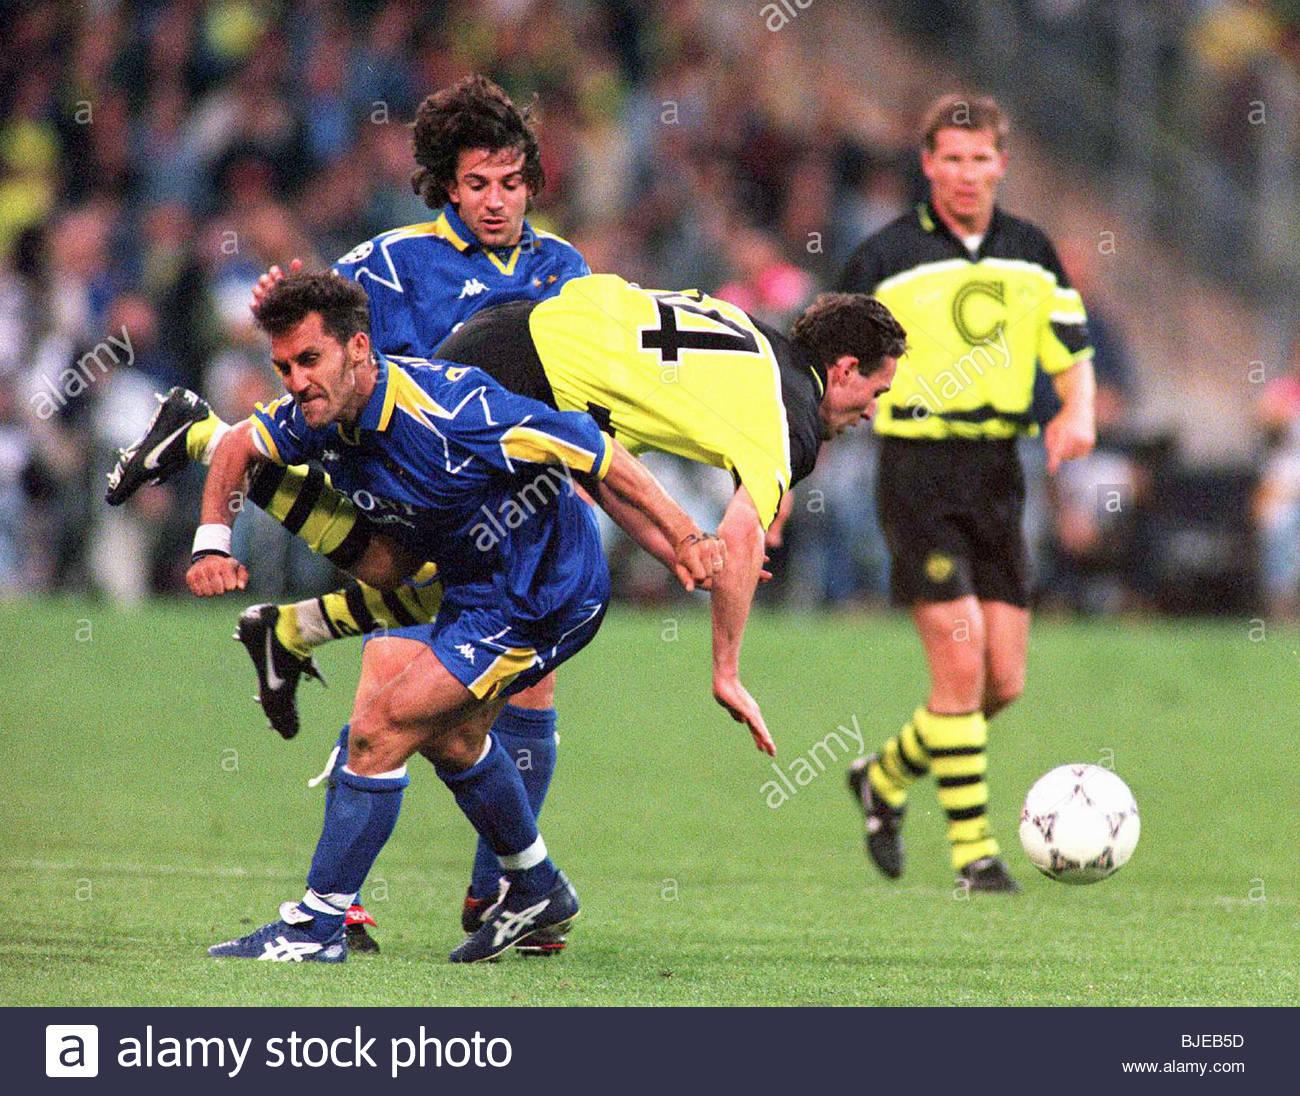 La FINALE DE LA LIGUE DES CHAMPIONS 1996/1997 SAISON DORTMUND v JUVENTUS STADE OLYMPIQUE - DORTMUND Juventus' Photo Stock